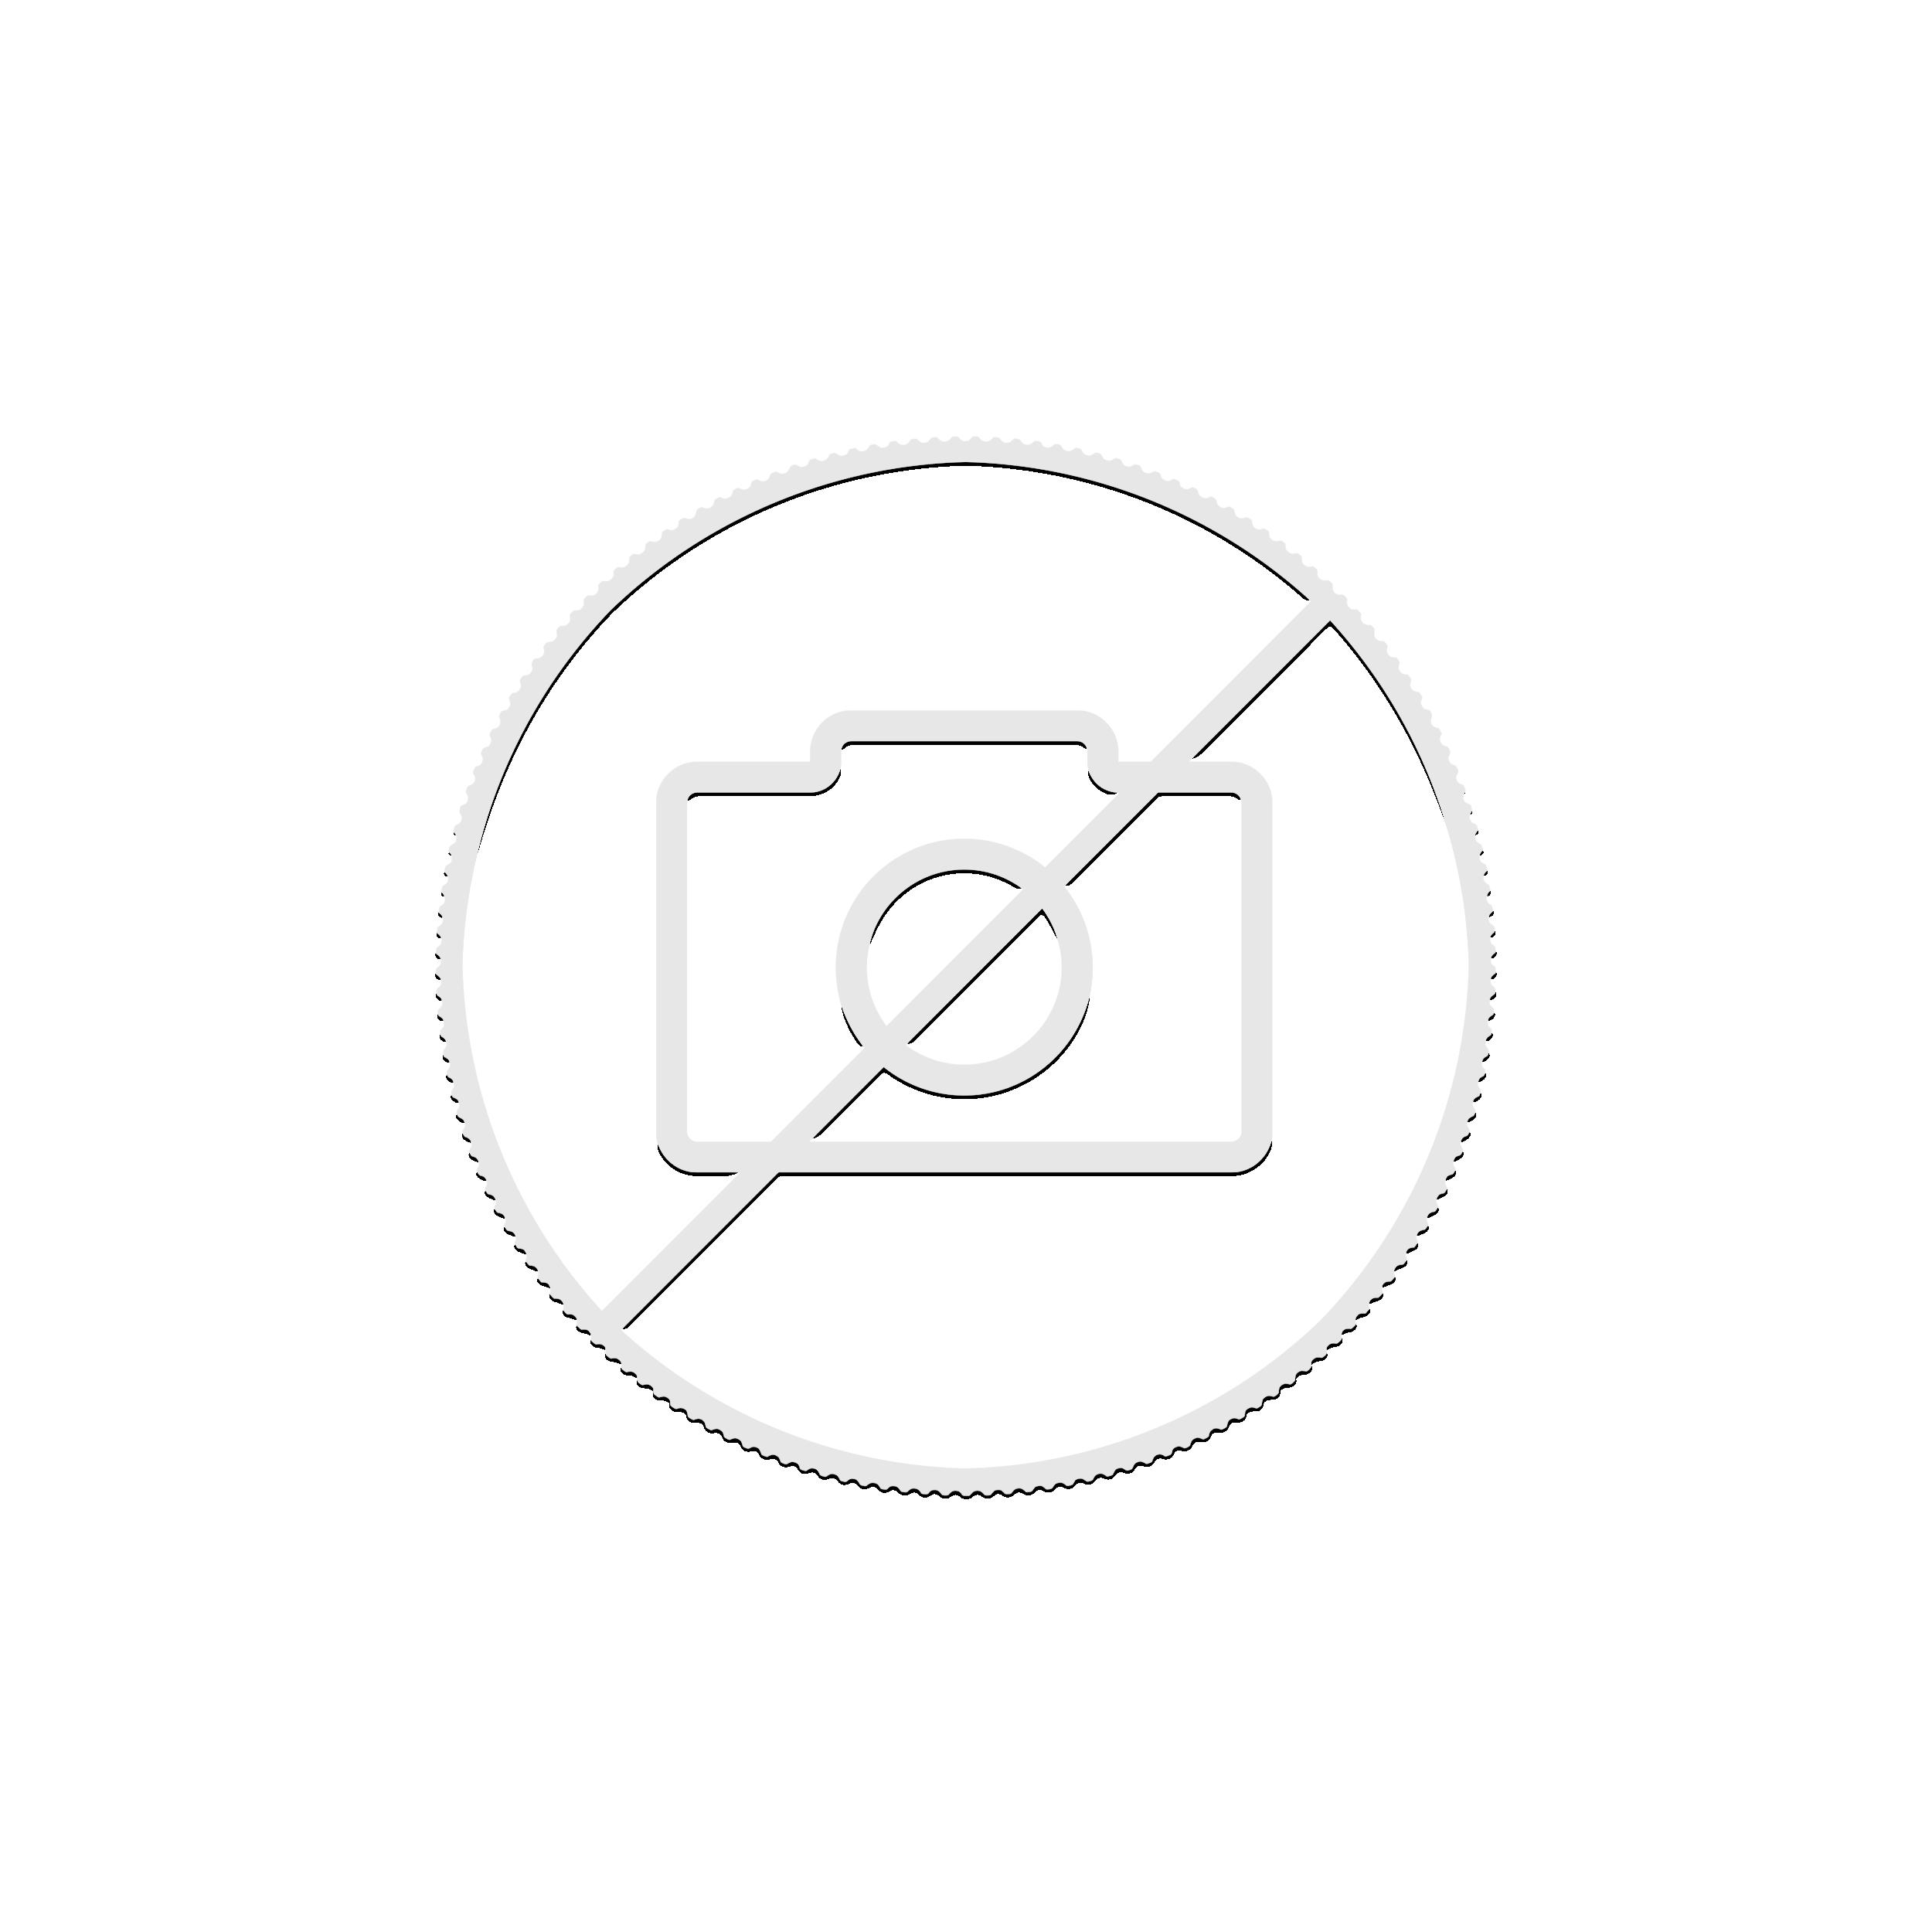 30 Gram zilveren munt Panda 2018 Antique Finish